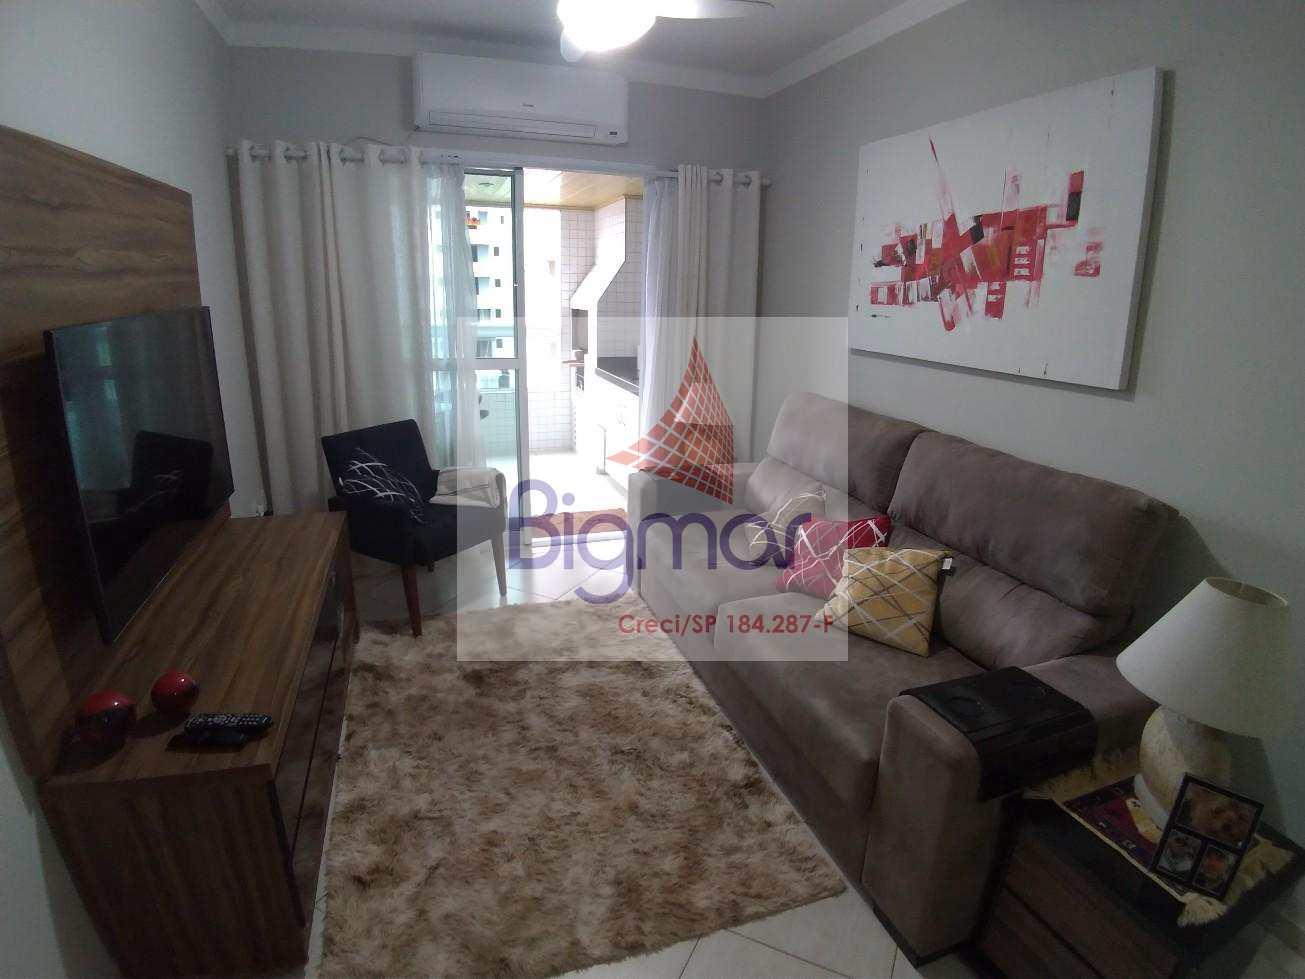 Apartamento com 2 dorms, Aviação, Praia Grande - R$ 375.000,00, 95m² - Codigo: 423